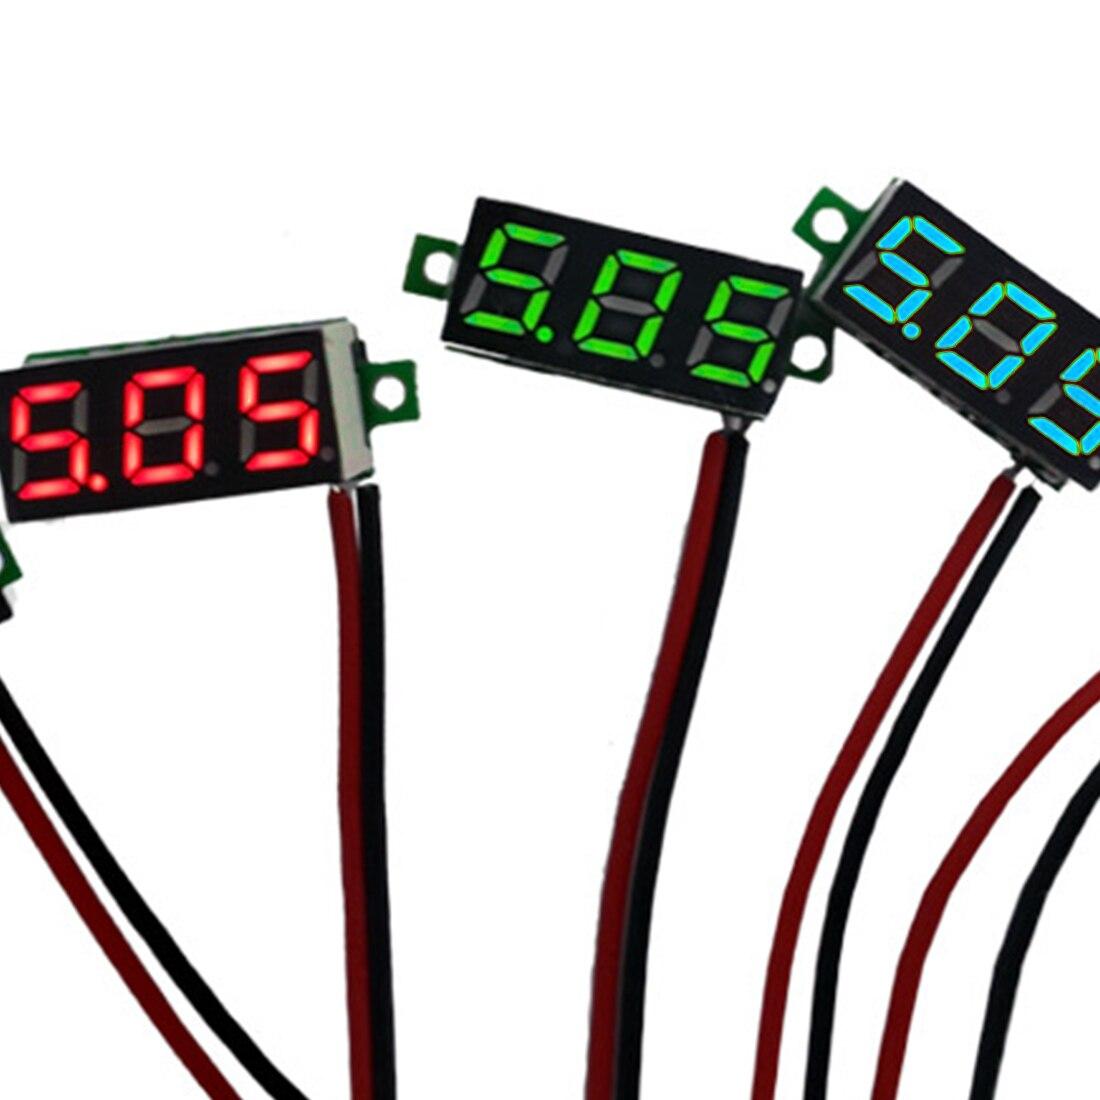 Mini Digital Voltmeter Voltage Tester Meter 0.28 Inch 2.5V-30V LED Screen Electronic Parts Accessories Digital Voltmeter Hot